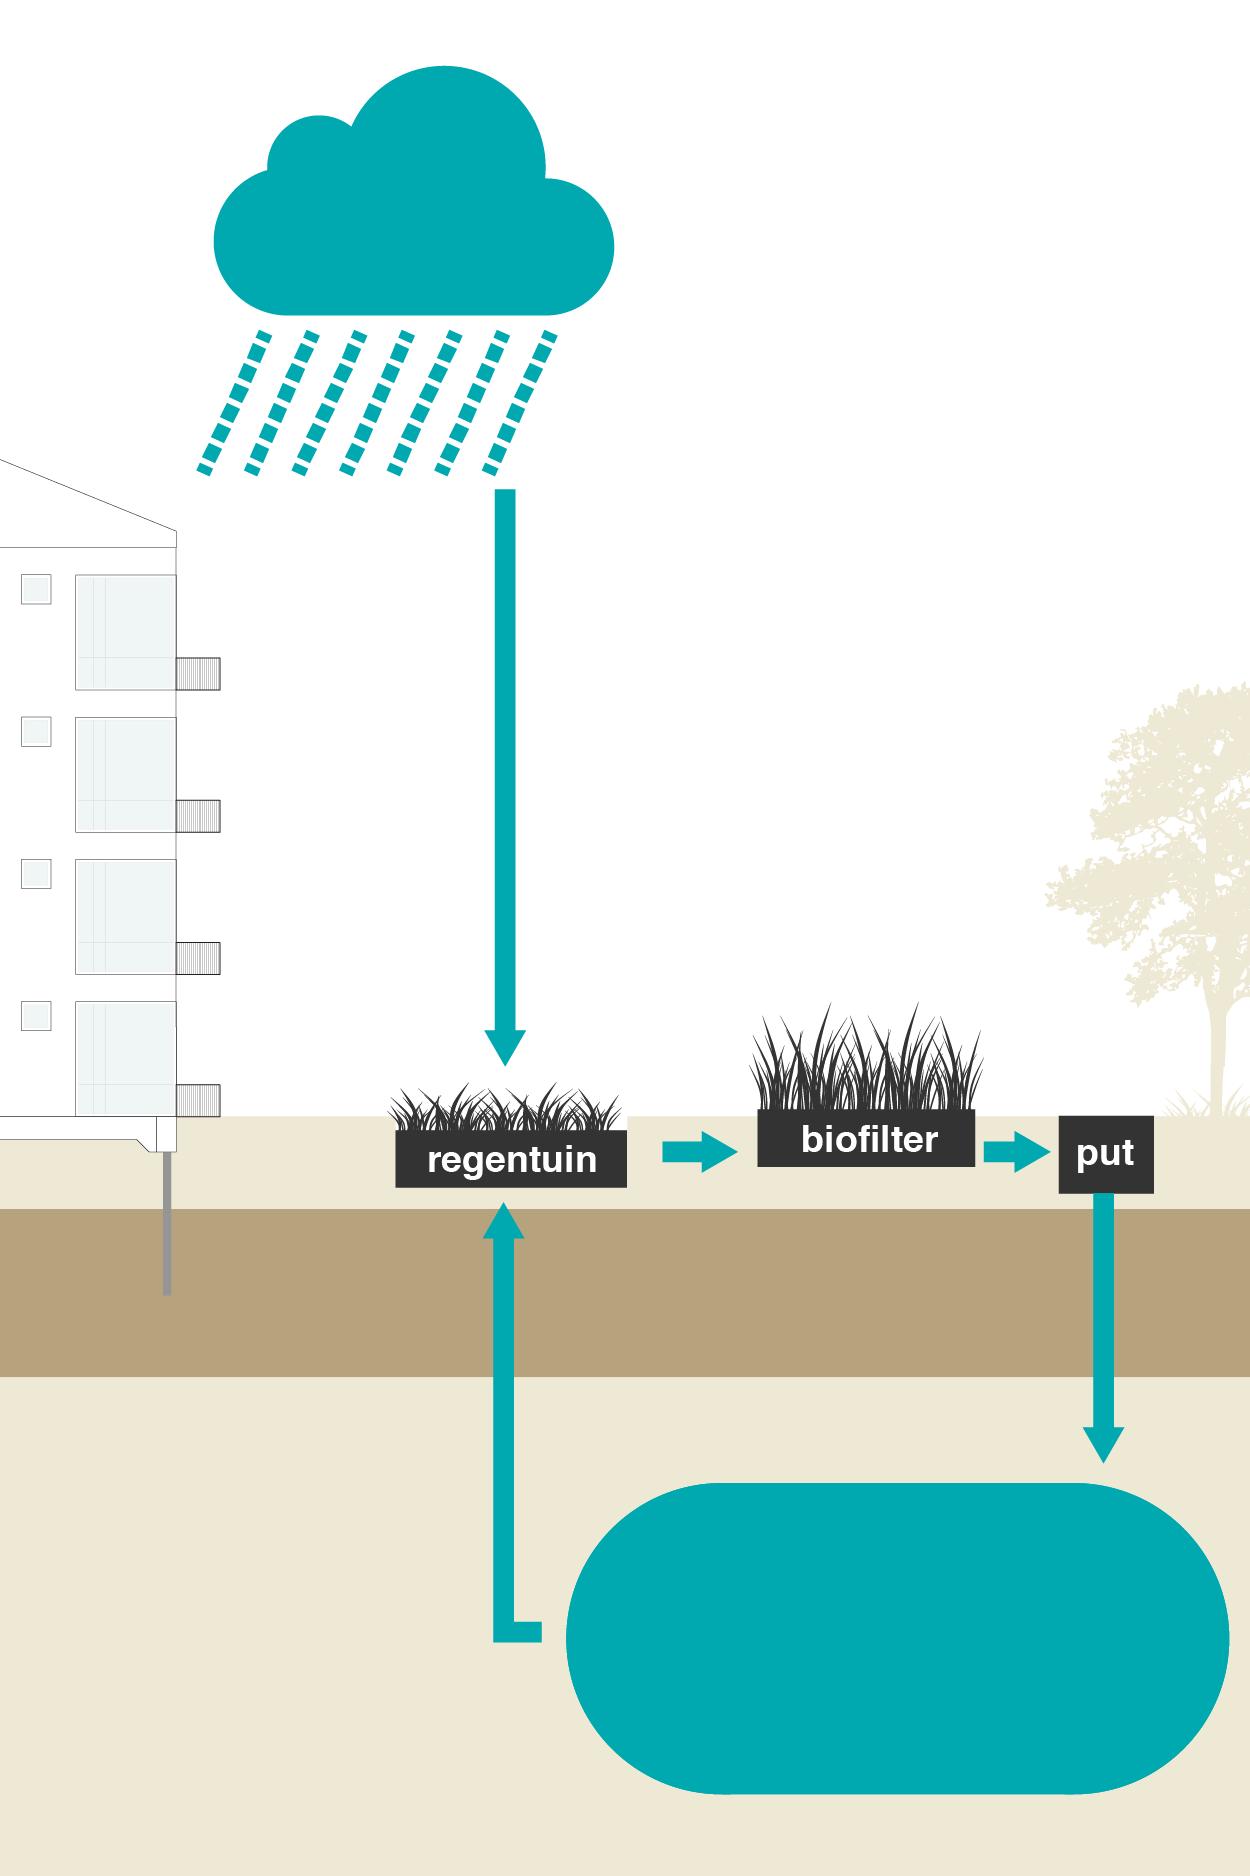 Hittestress verminderen met groen - Systeemcomponenten: Regentuin, Biofilter, Installaties en Add-ons.Bluebloqs biedt een oplossing voor hittestress. Dit gebeurt door regenwater te zuiveren en te gebruiken voor de irrigatie van stedelijk groen, voor verkoeling en voor kinderen om mee te spelen tijdens warme zomerdagen.De installaties kunnen worden geïntegreerd in ruimtelijke ontwerpen, waarbij rekening gehouden wordt met de beschikbare wensen van ruimtelijk gebruik.